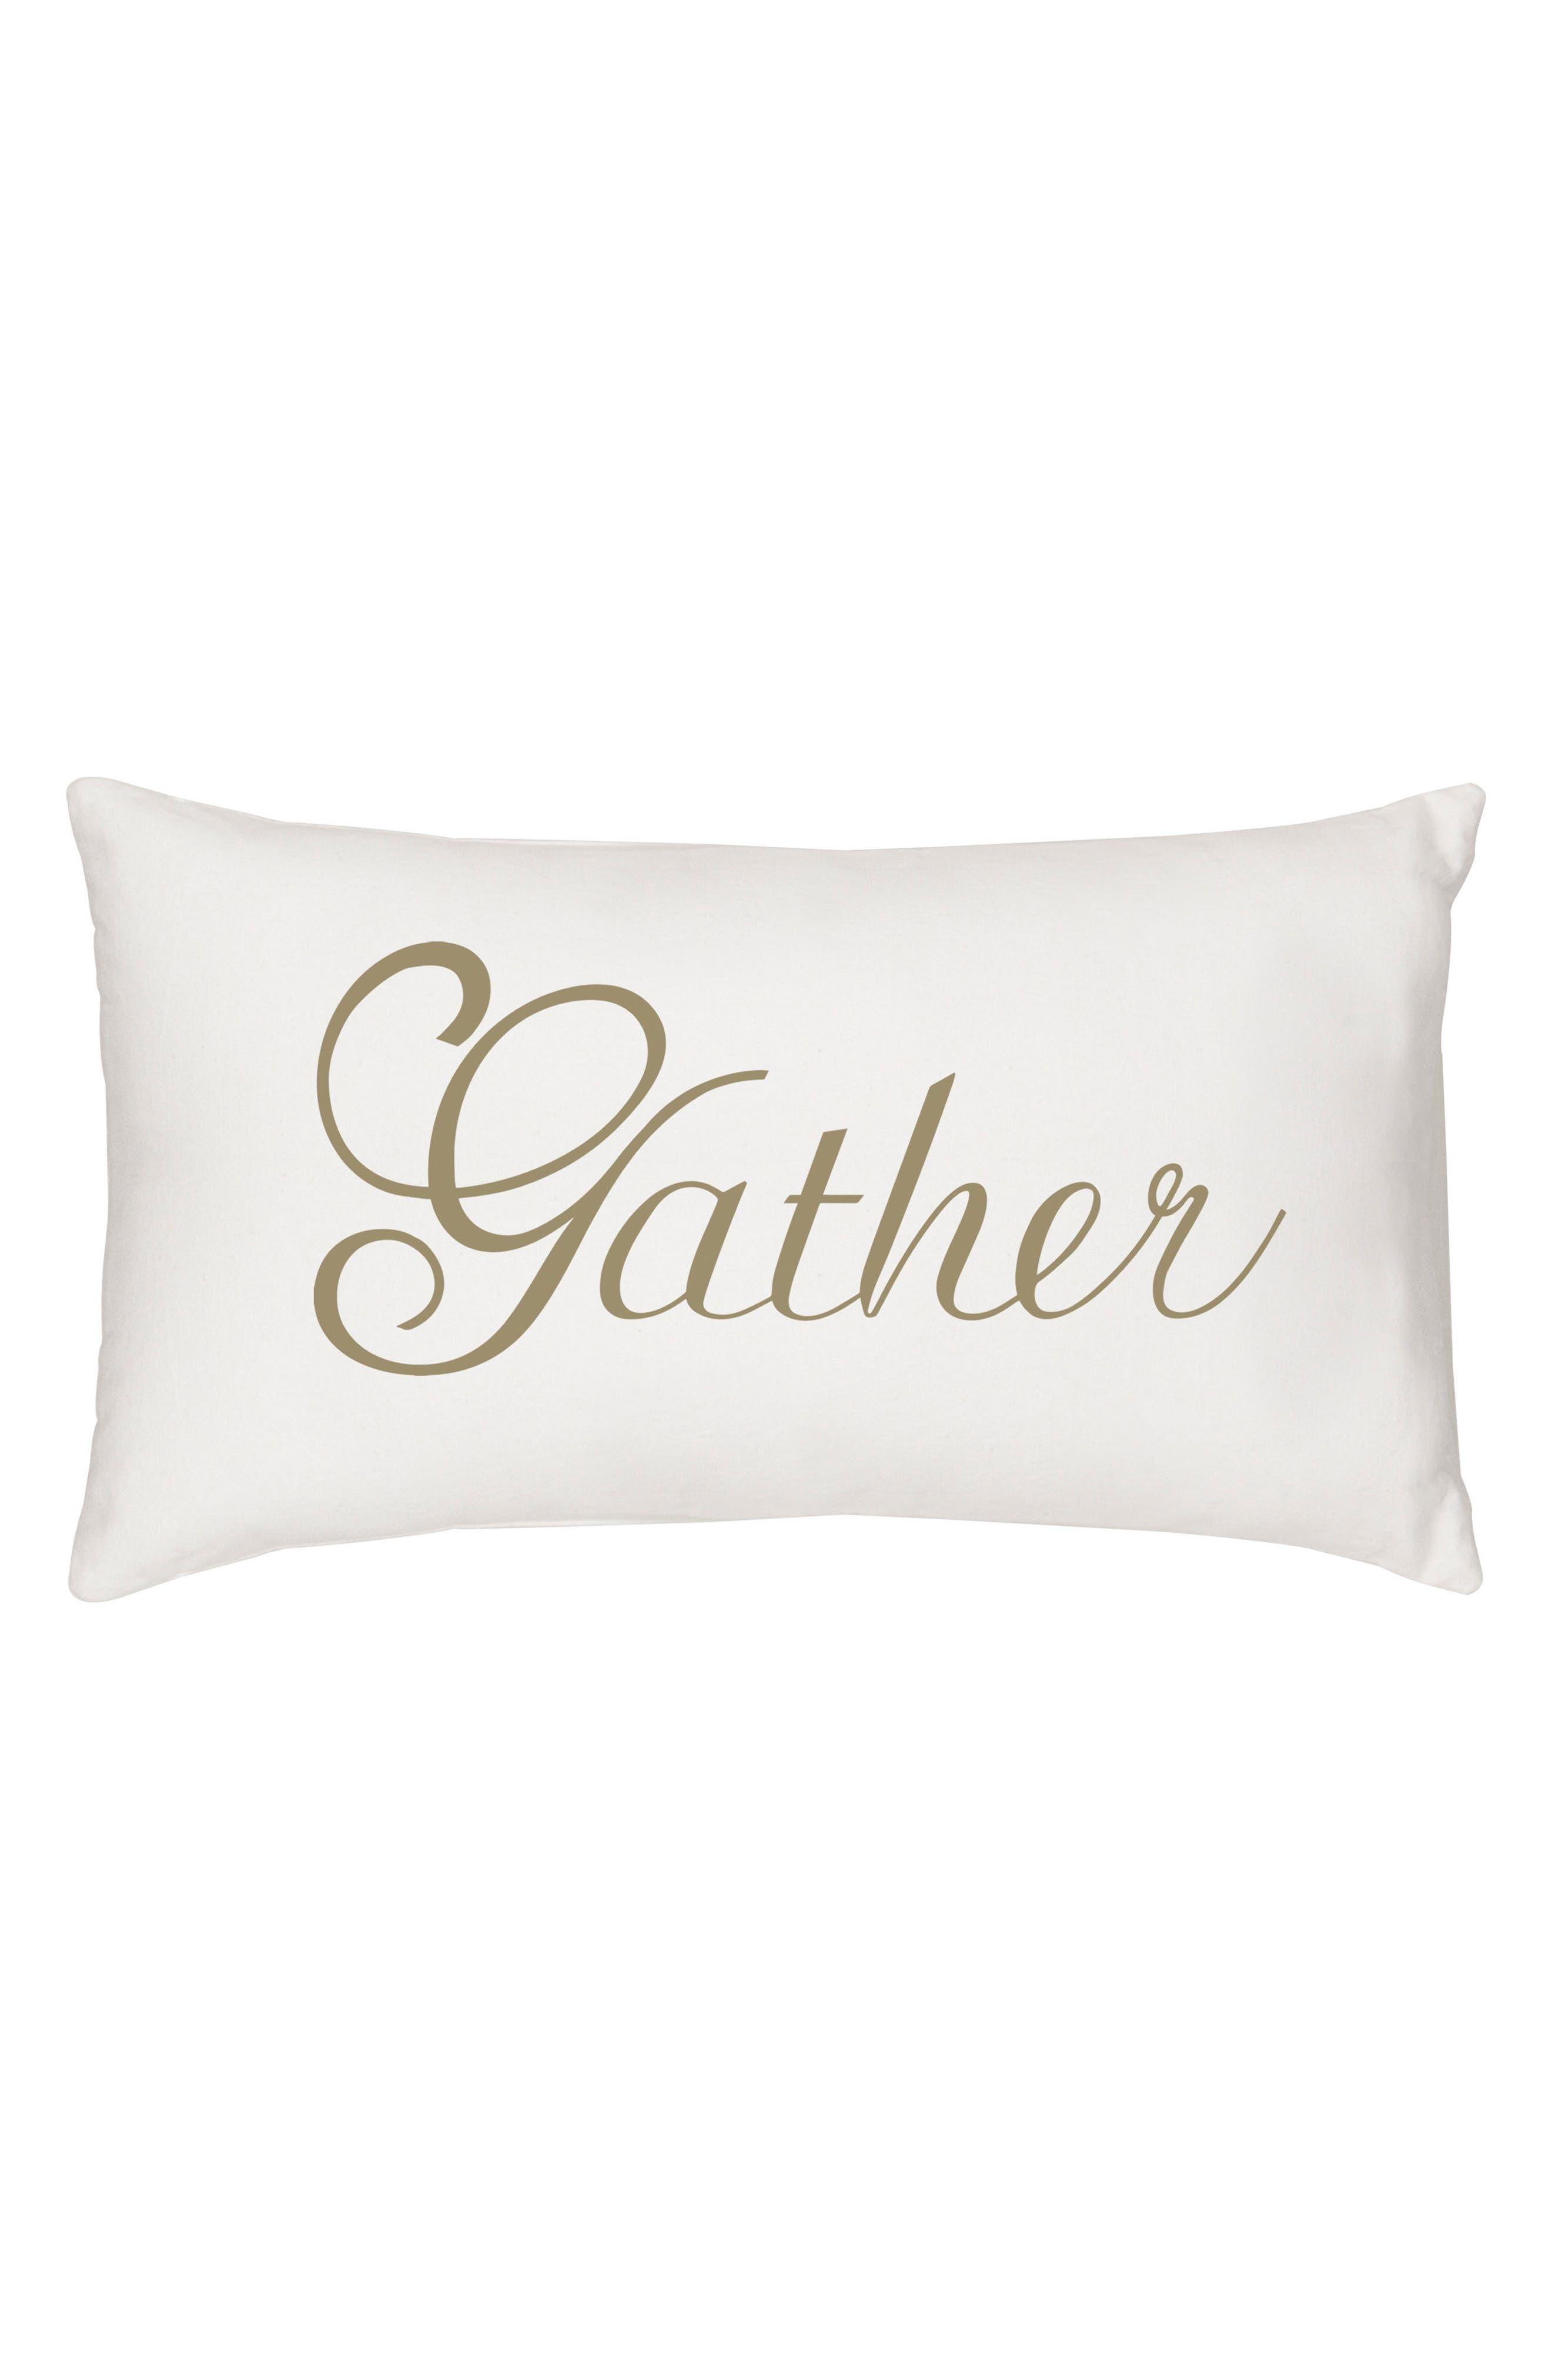 Gather Lumbar Accent Pillow,                             Main thumbnail 1, color,                             710